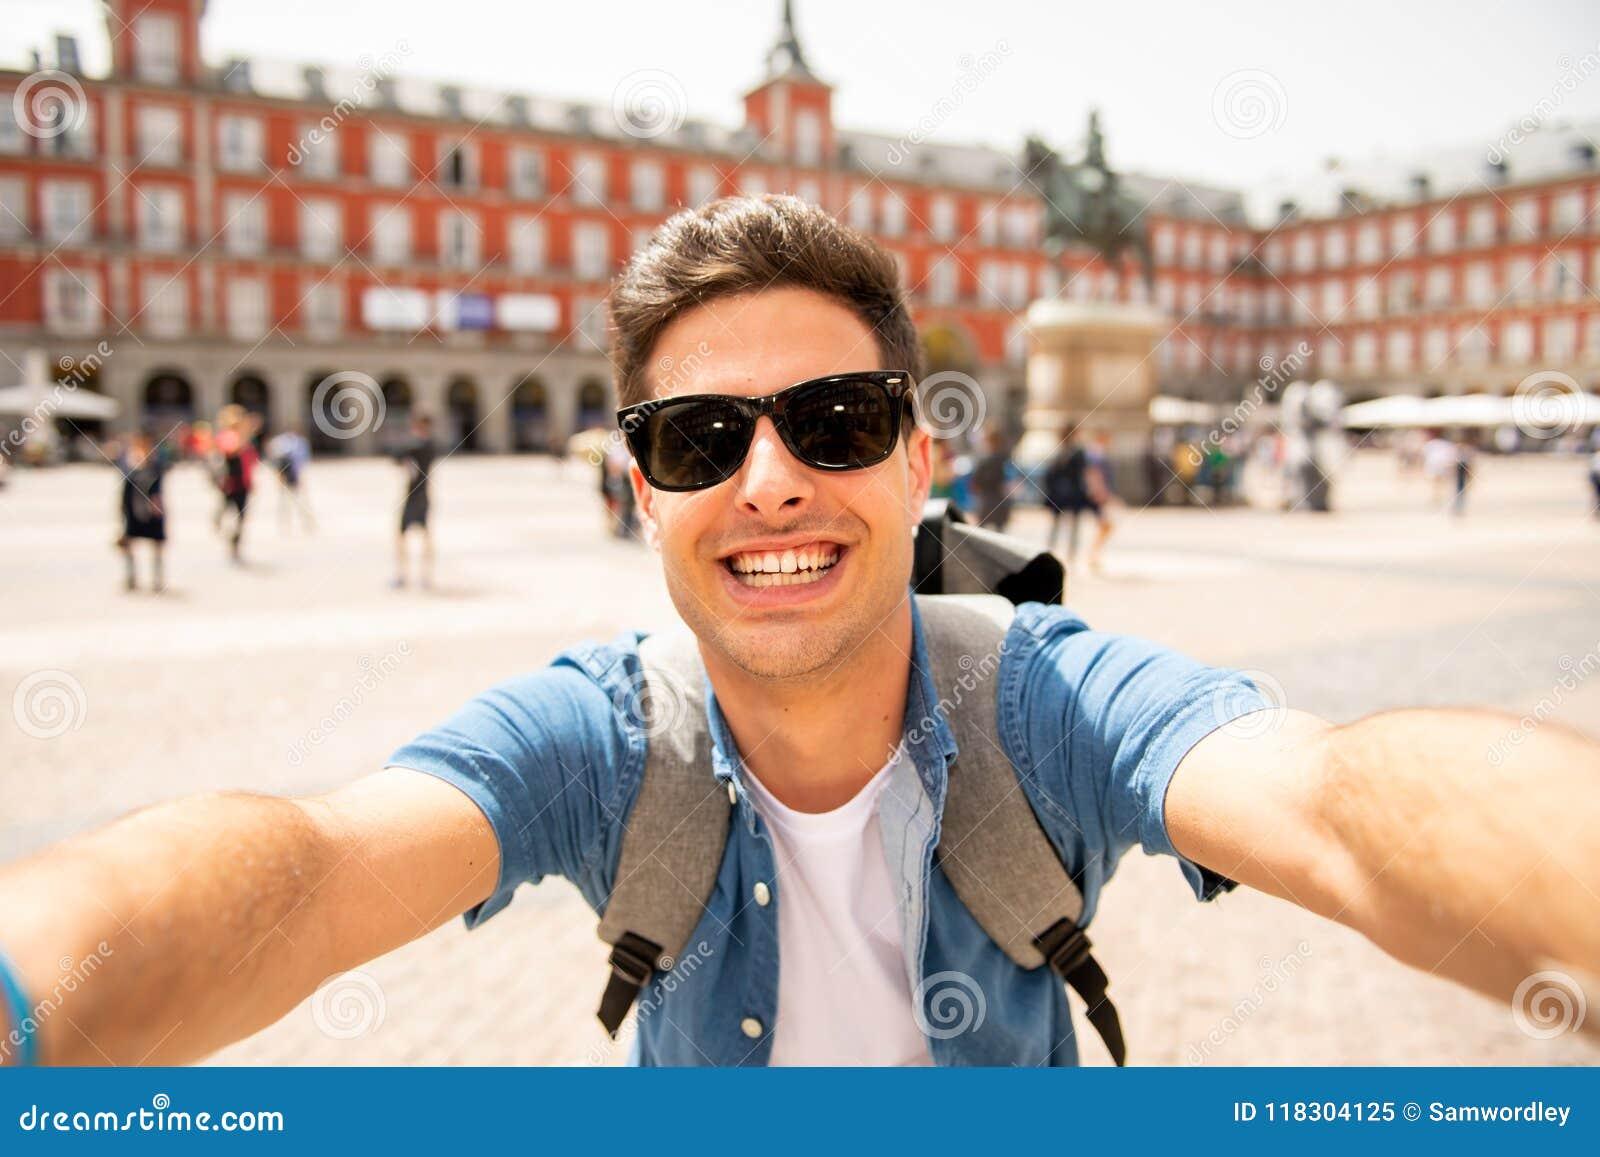 Όμορφο νέο καυκάσιο άτομο τουριστών ευτυχές και συγκινημένο παίρνοντας ένα selfie στο δήμαρχο Plaza, Μαδρίτη Ισπανία